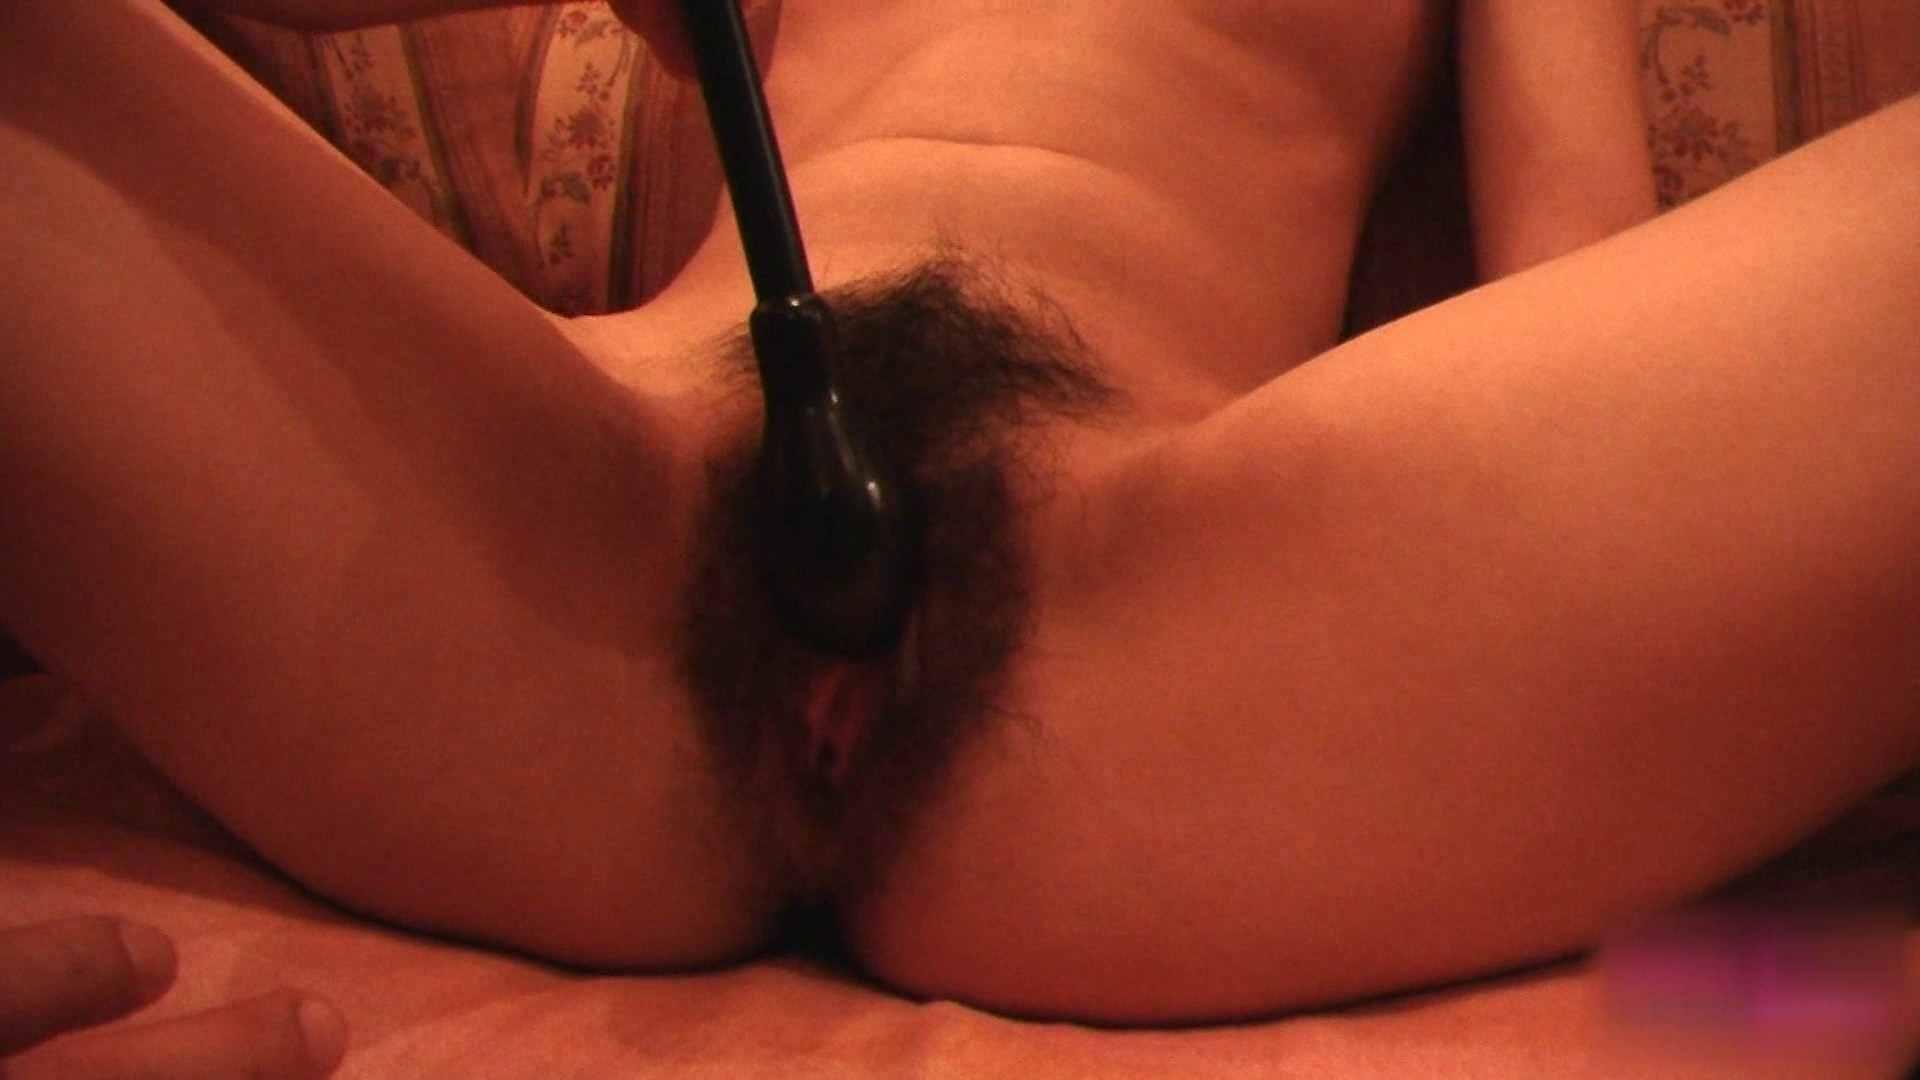 おしえてギャル子のH塾 Vol.26 前編 お姉さん達のフェラチオ 盗み撮り動画 79枚 68